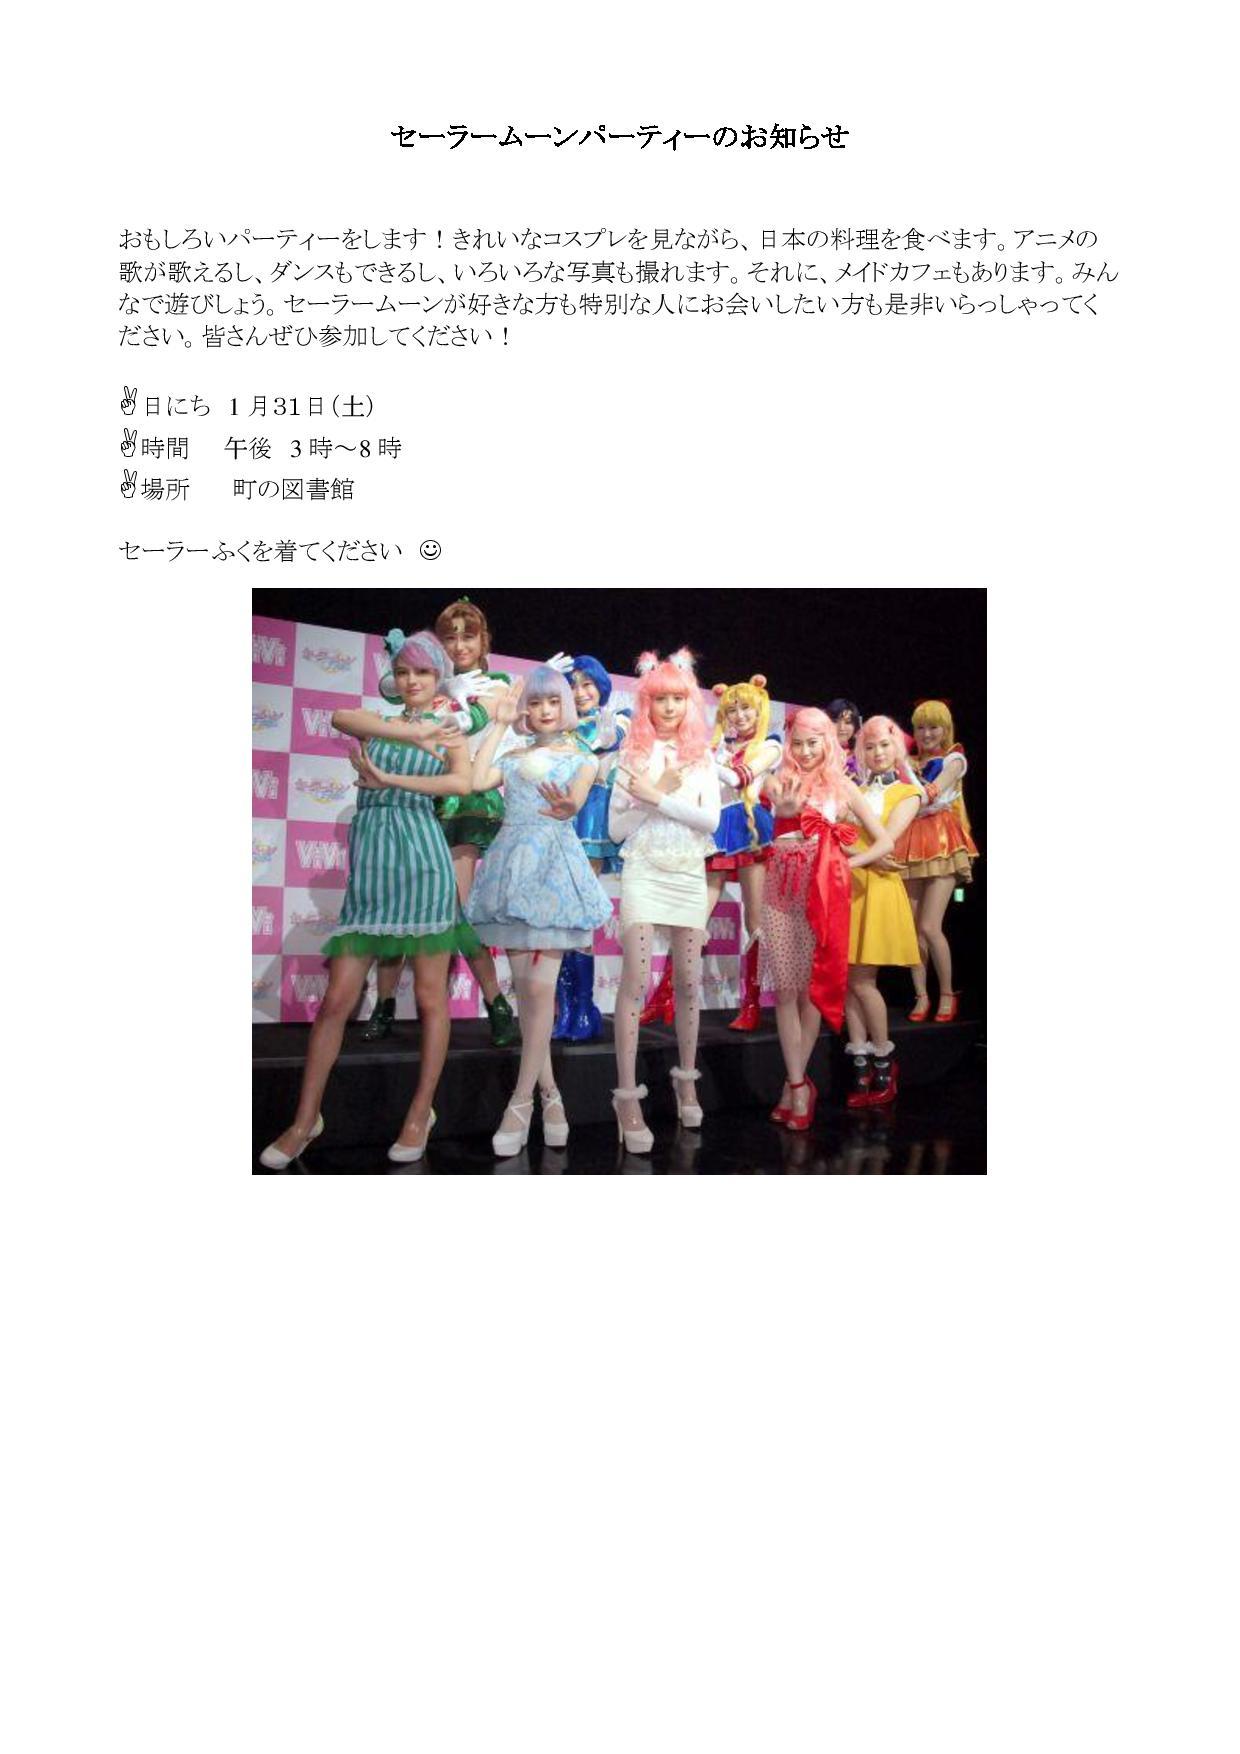 お知らせセーラームーンパーティーの-page-001